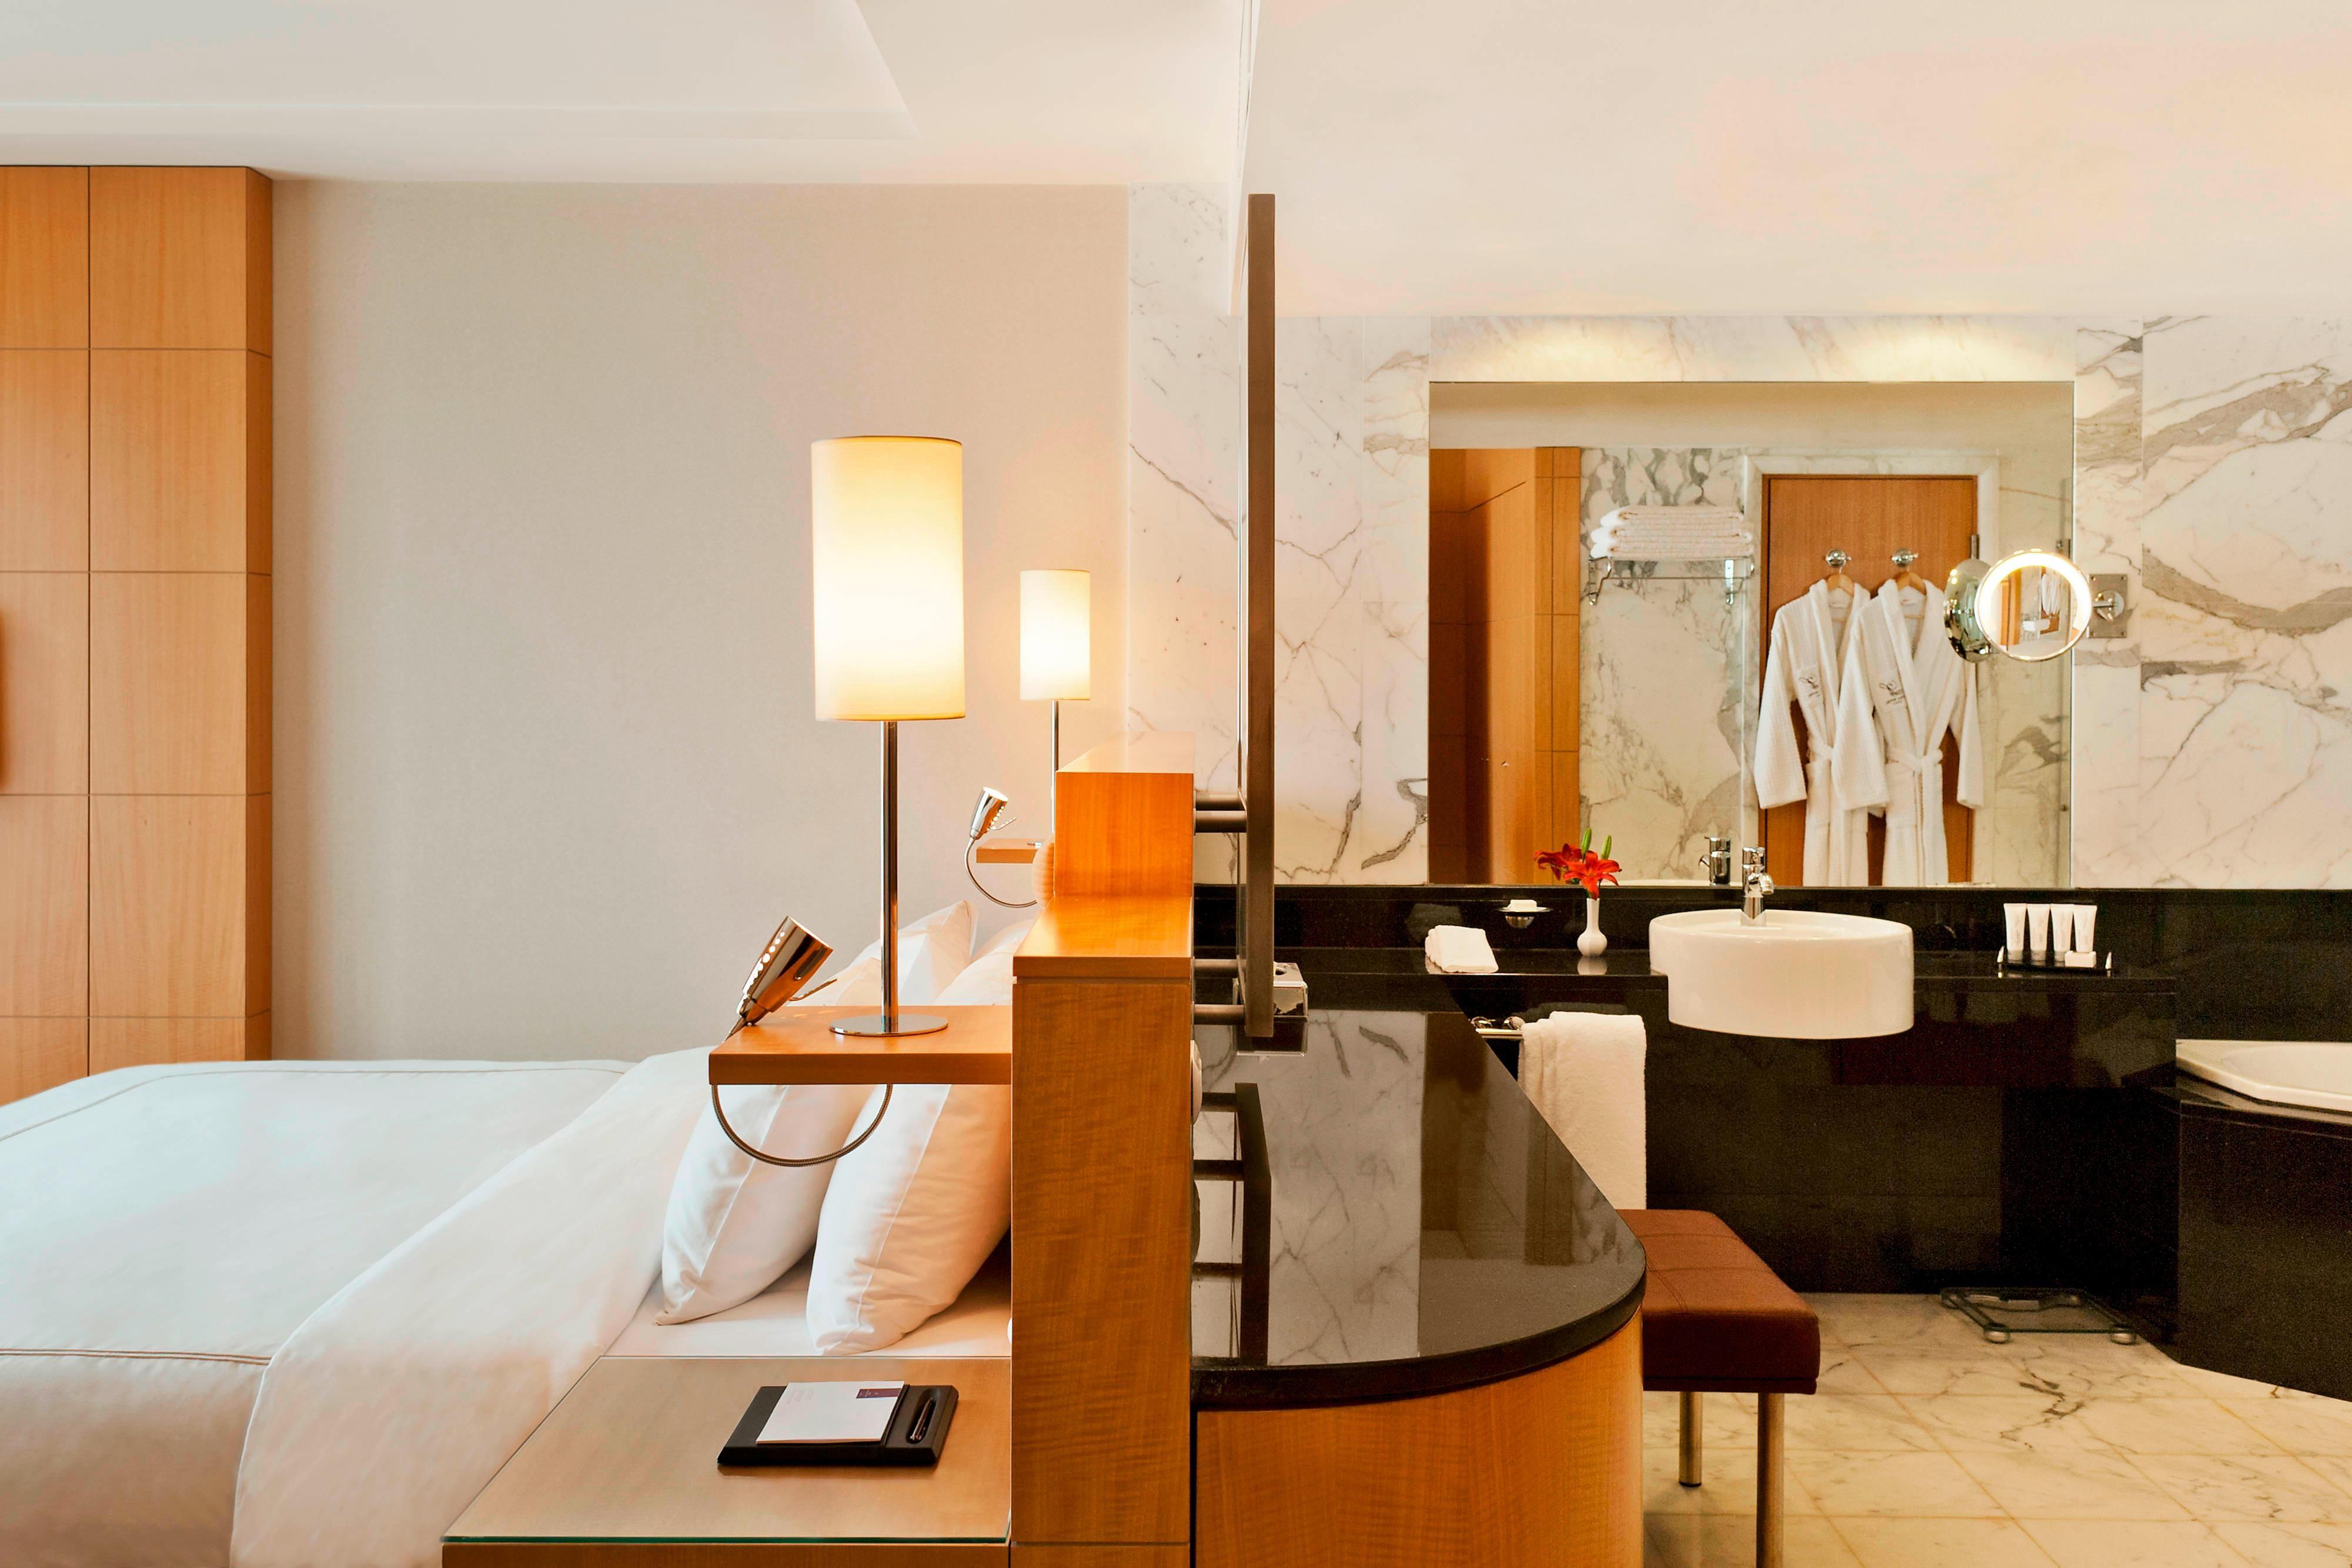 Executive Suite - Sleeping Area